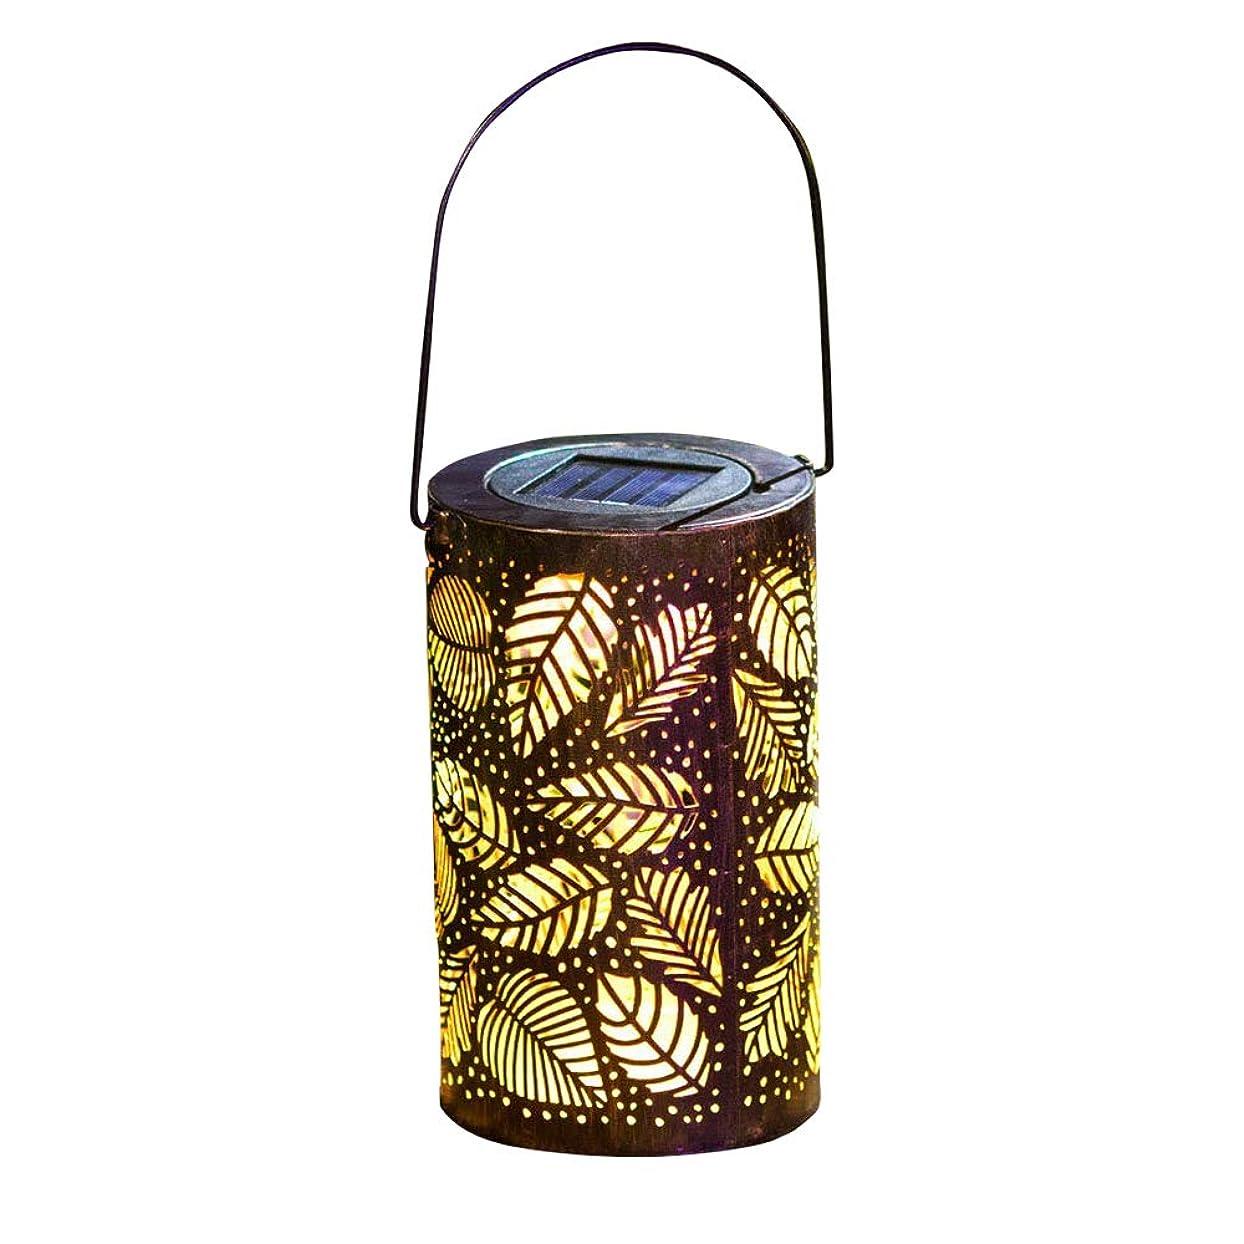 電話する謙虚な防止HOTTELY ソーラー ガーデン ライト IP44防水 屋外 自動点灯 LED 装飾ライト 省エネ おしゃれ 上品 綺麗 暖色 吊り下げライト 1個セット(葉の形:12.5*33cm)